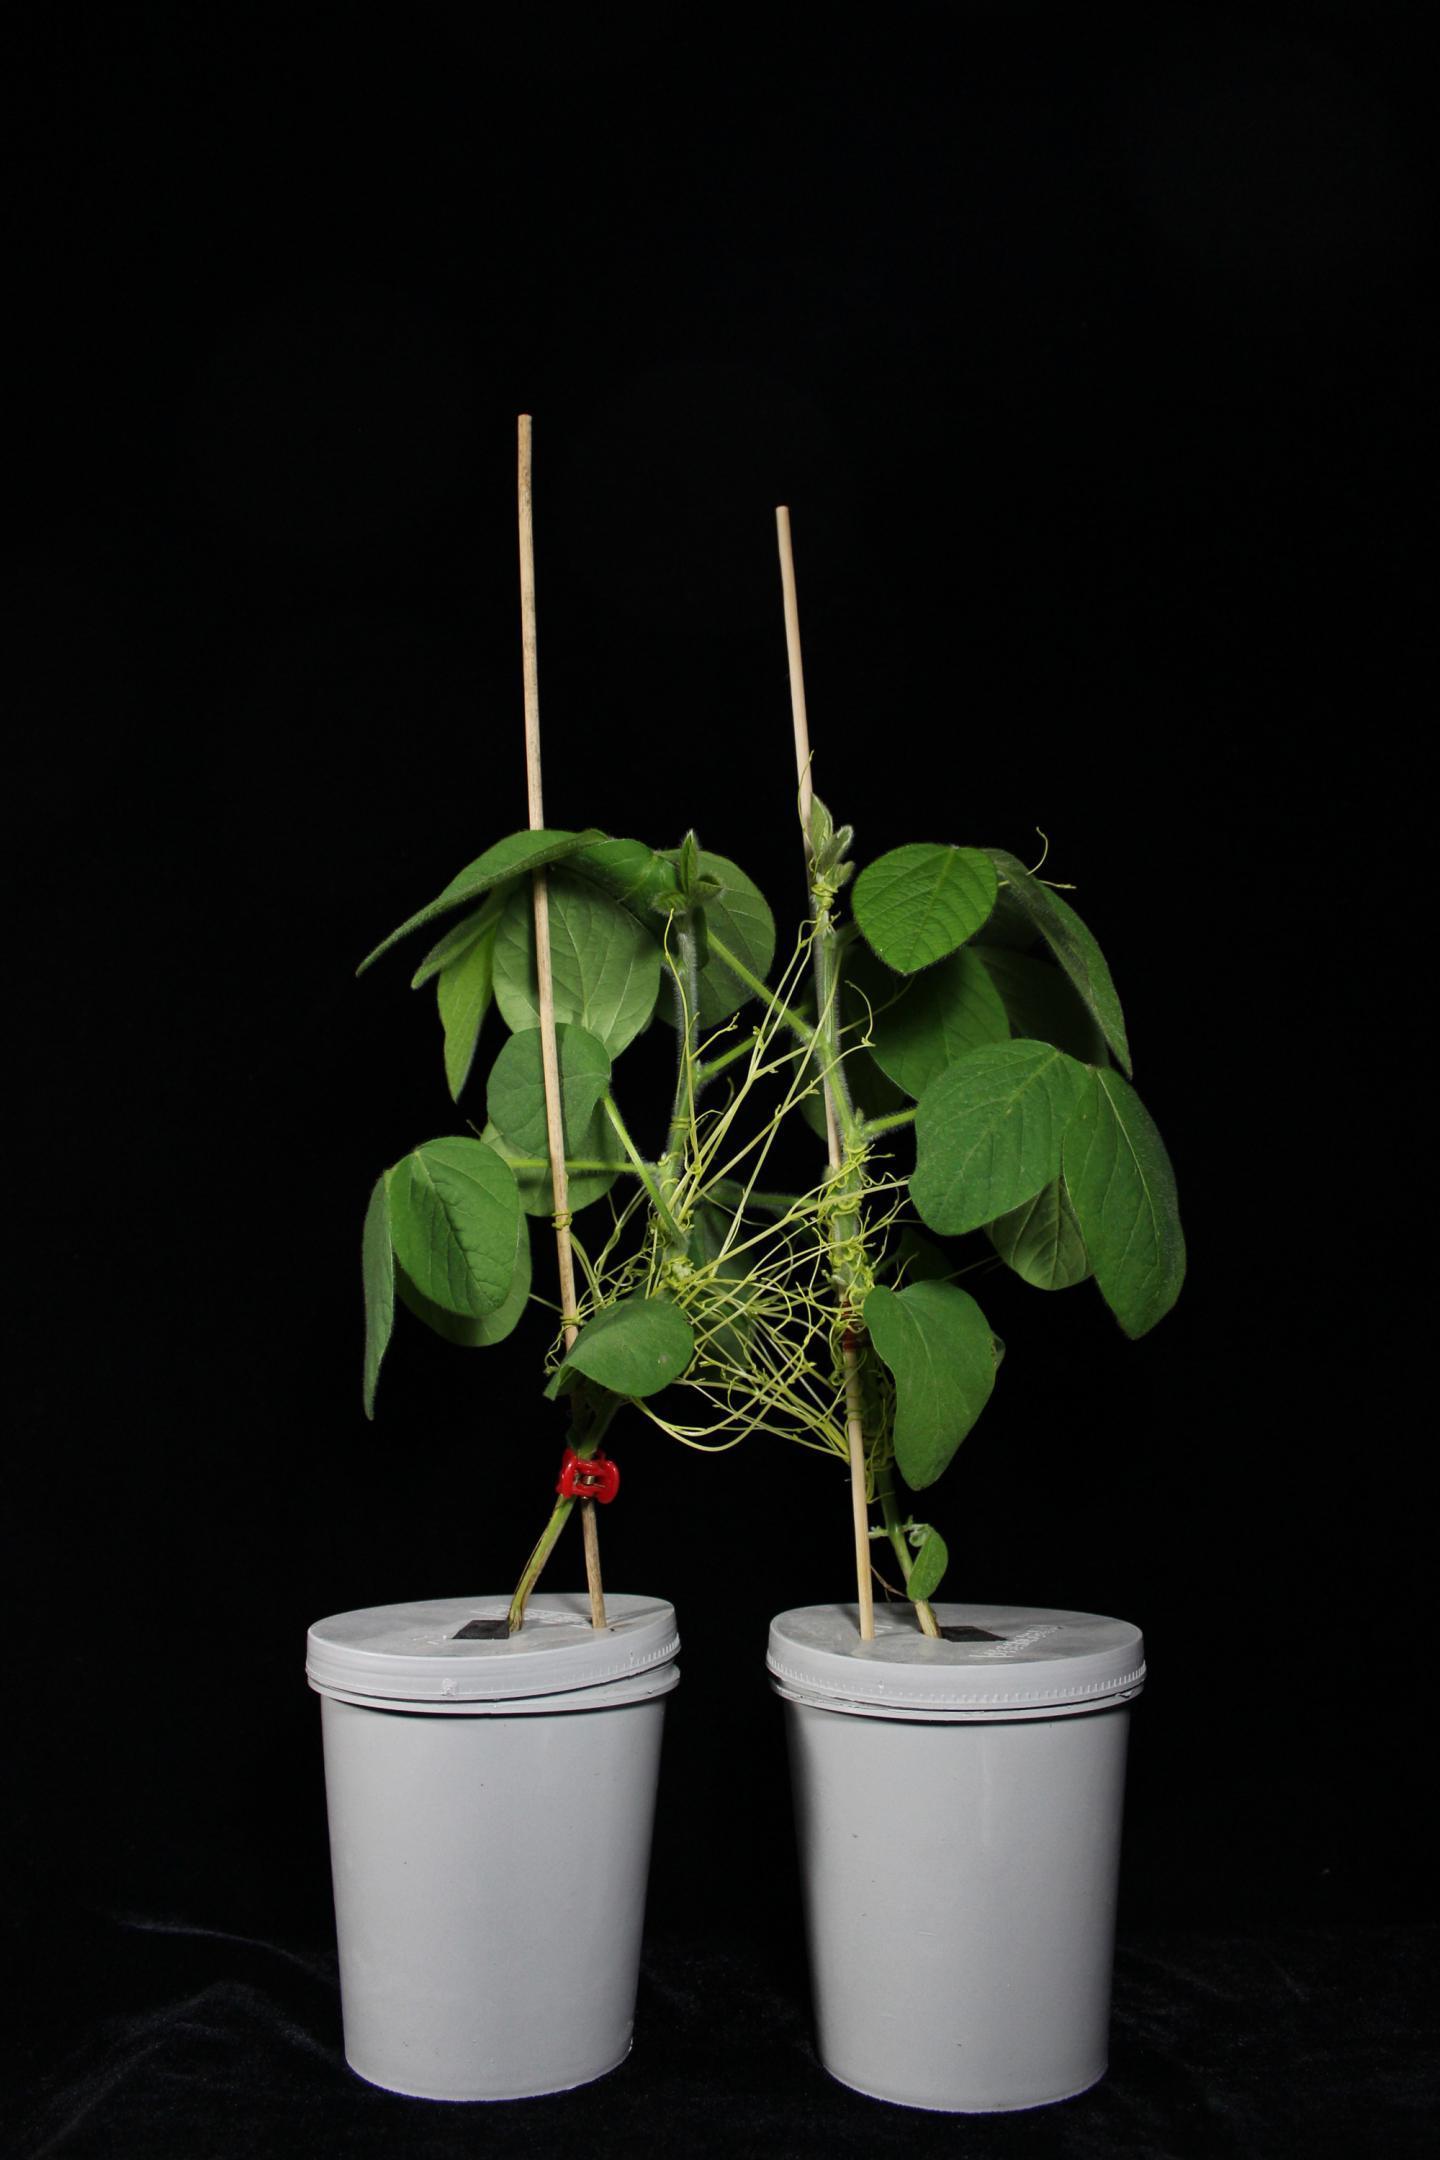 растения общаются с помощью повилики